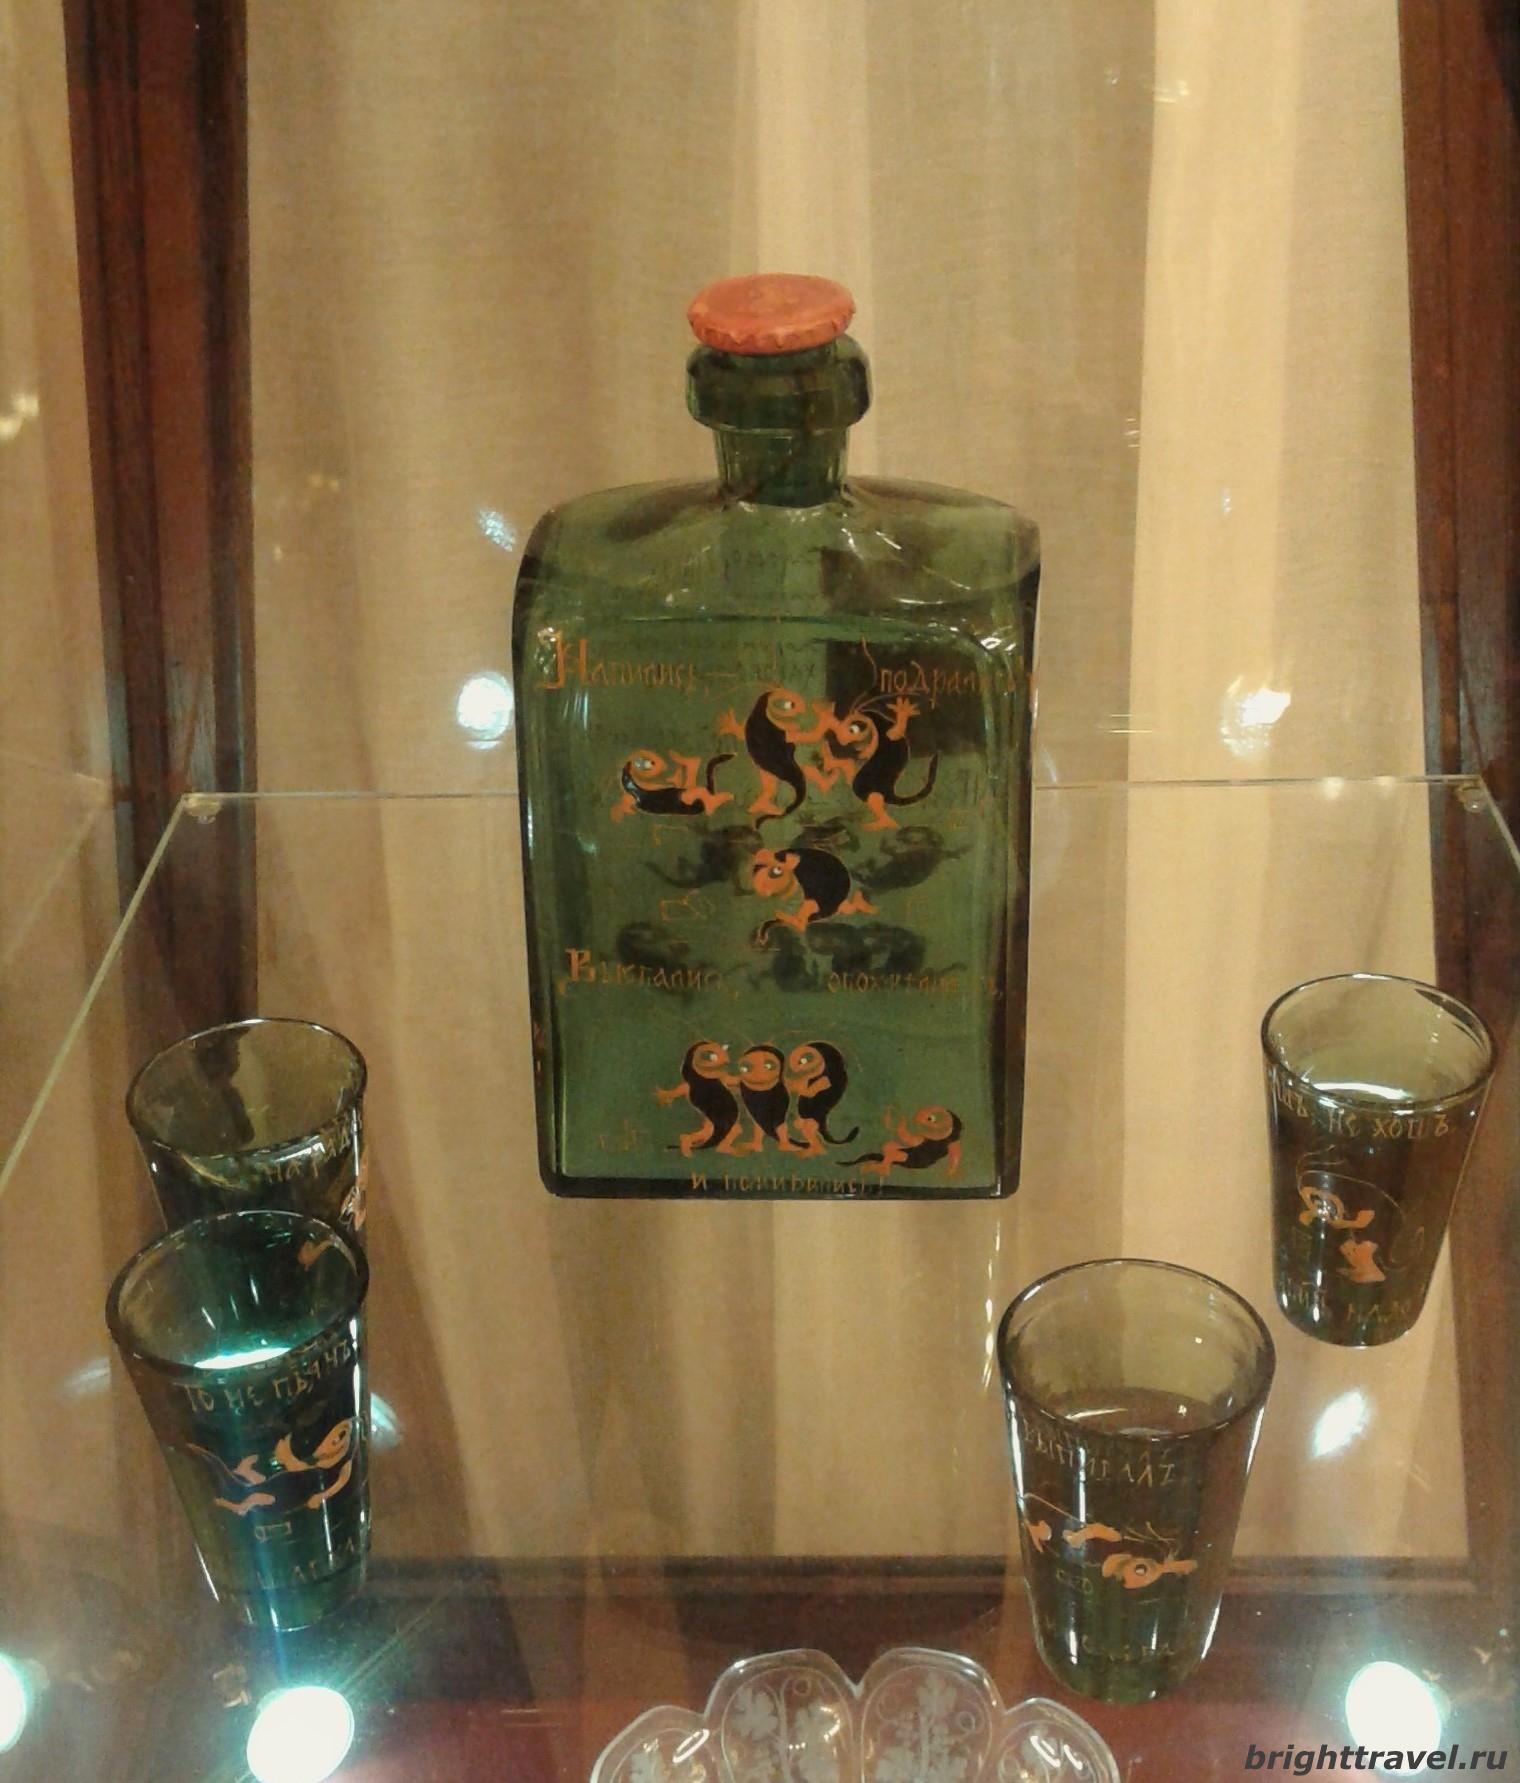 Фото комплекта для крепких напитков, конец XIX в. в Императорском дворце Твери